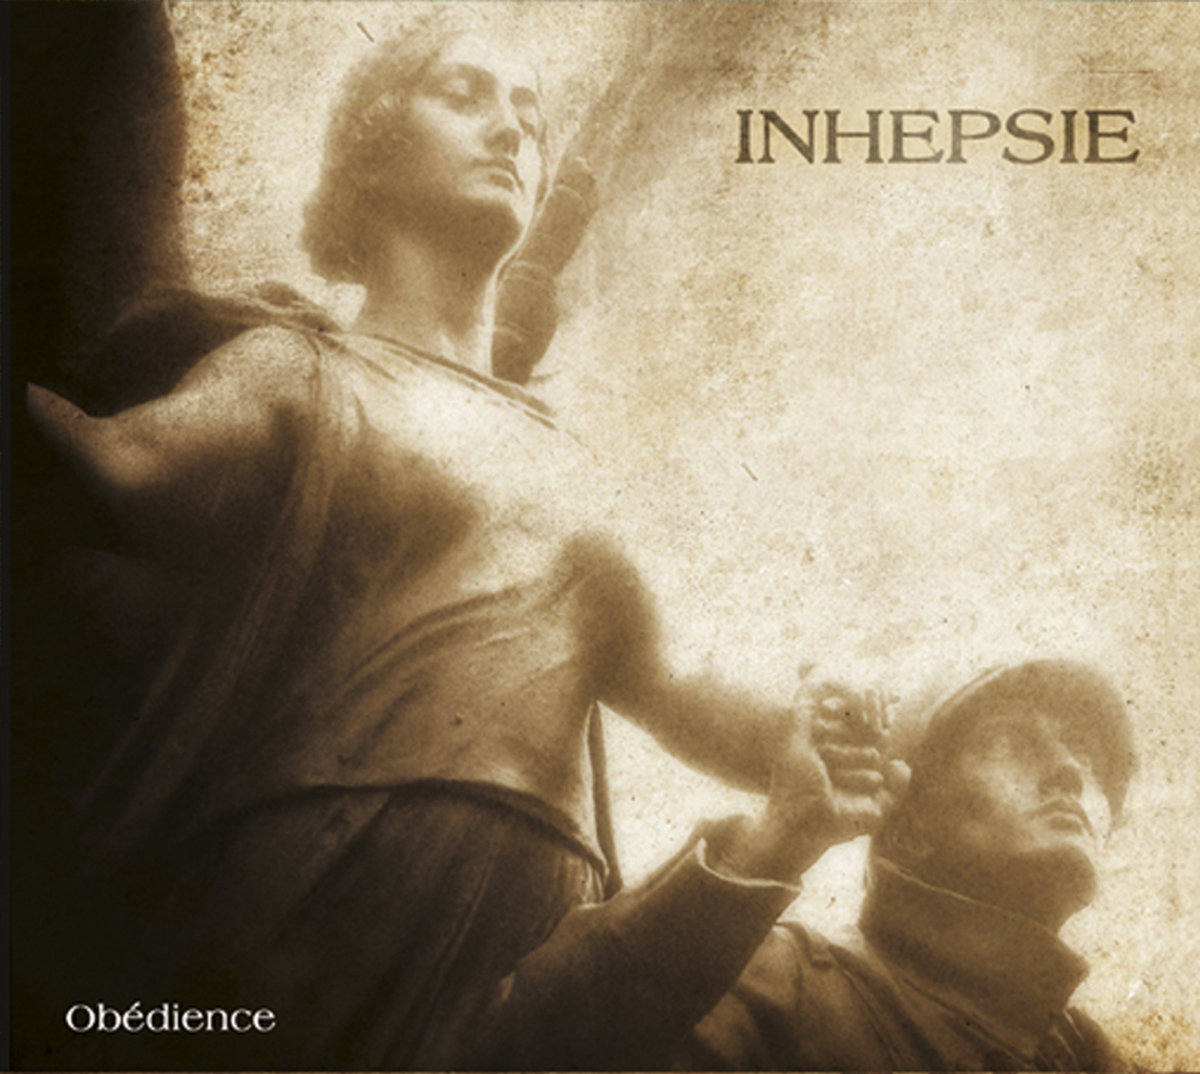 Inhepsie - Obédience